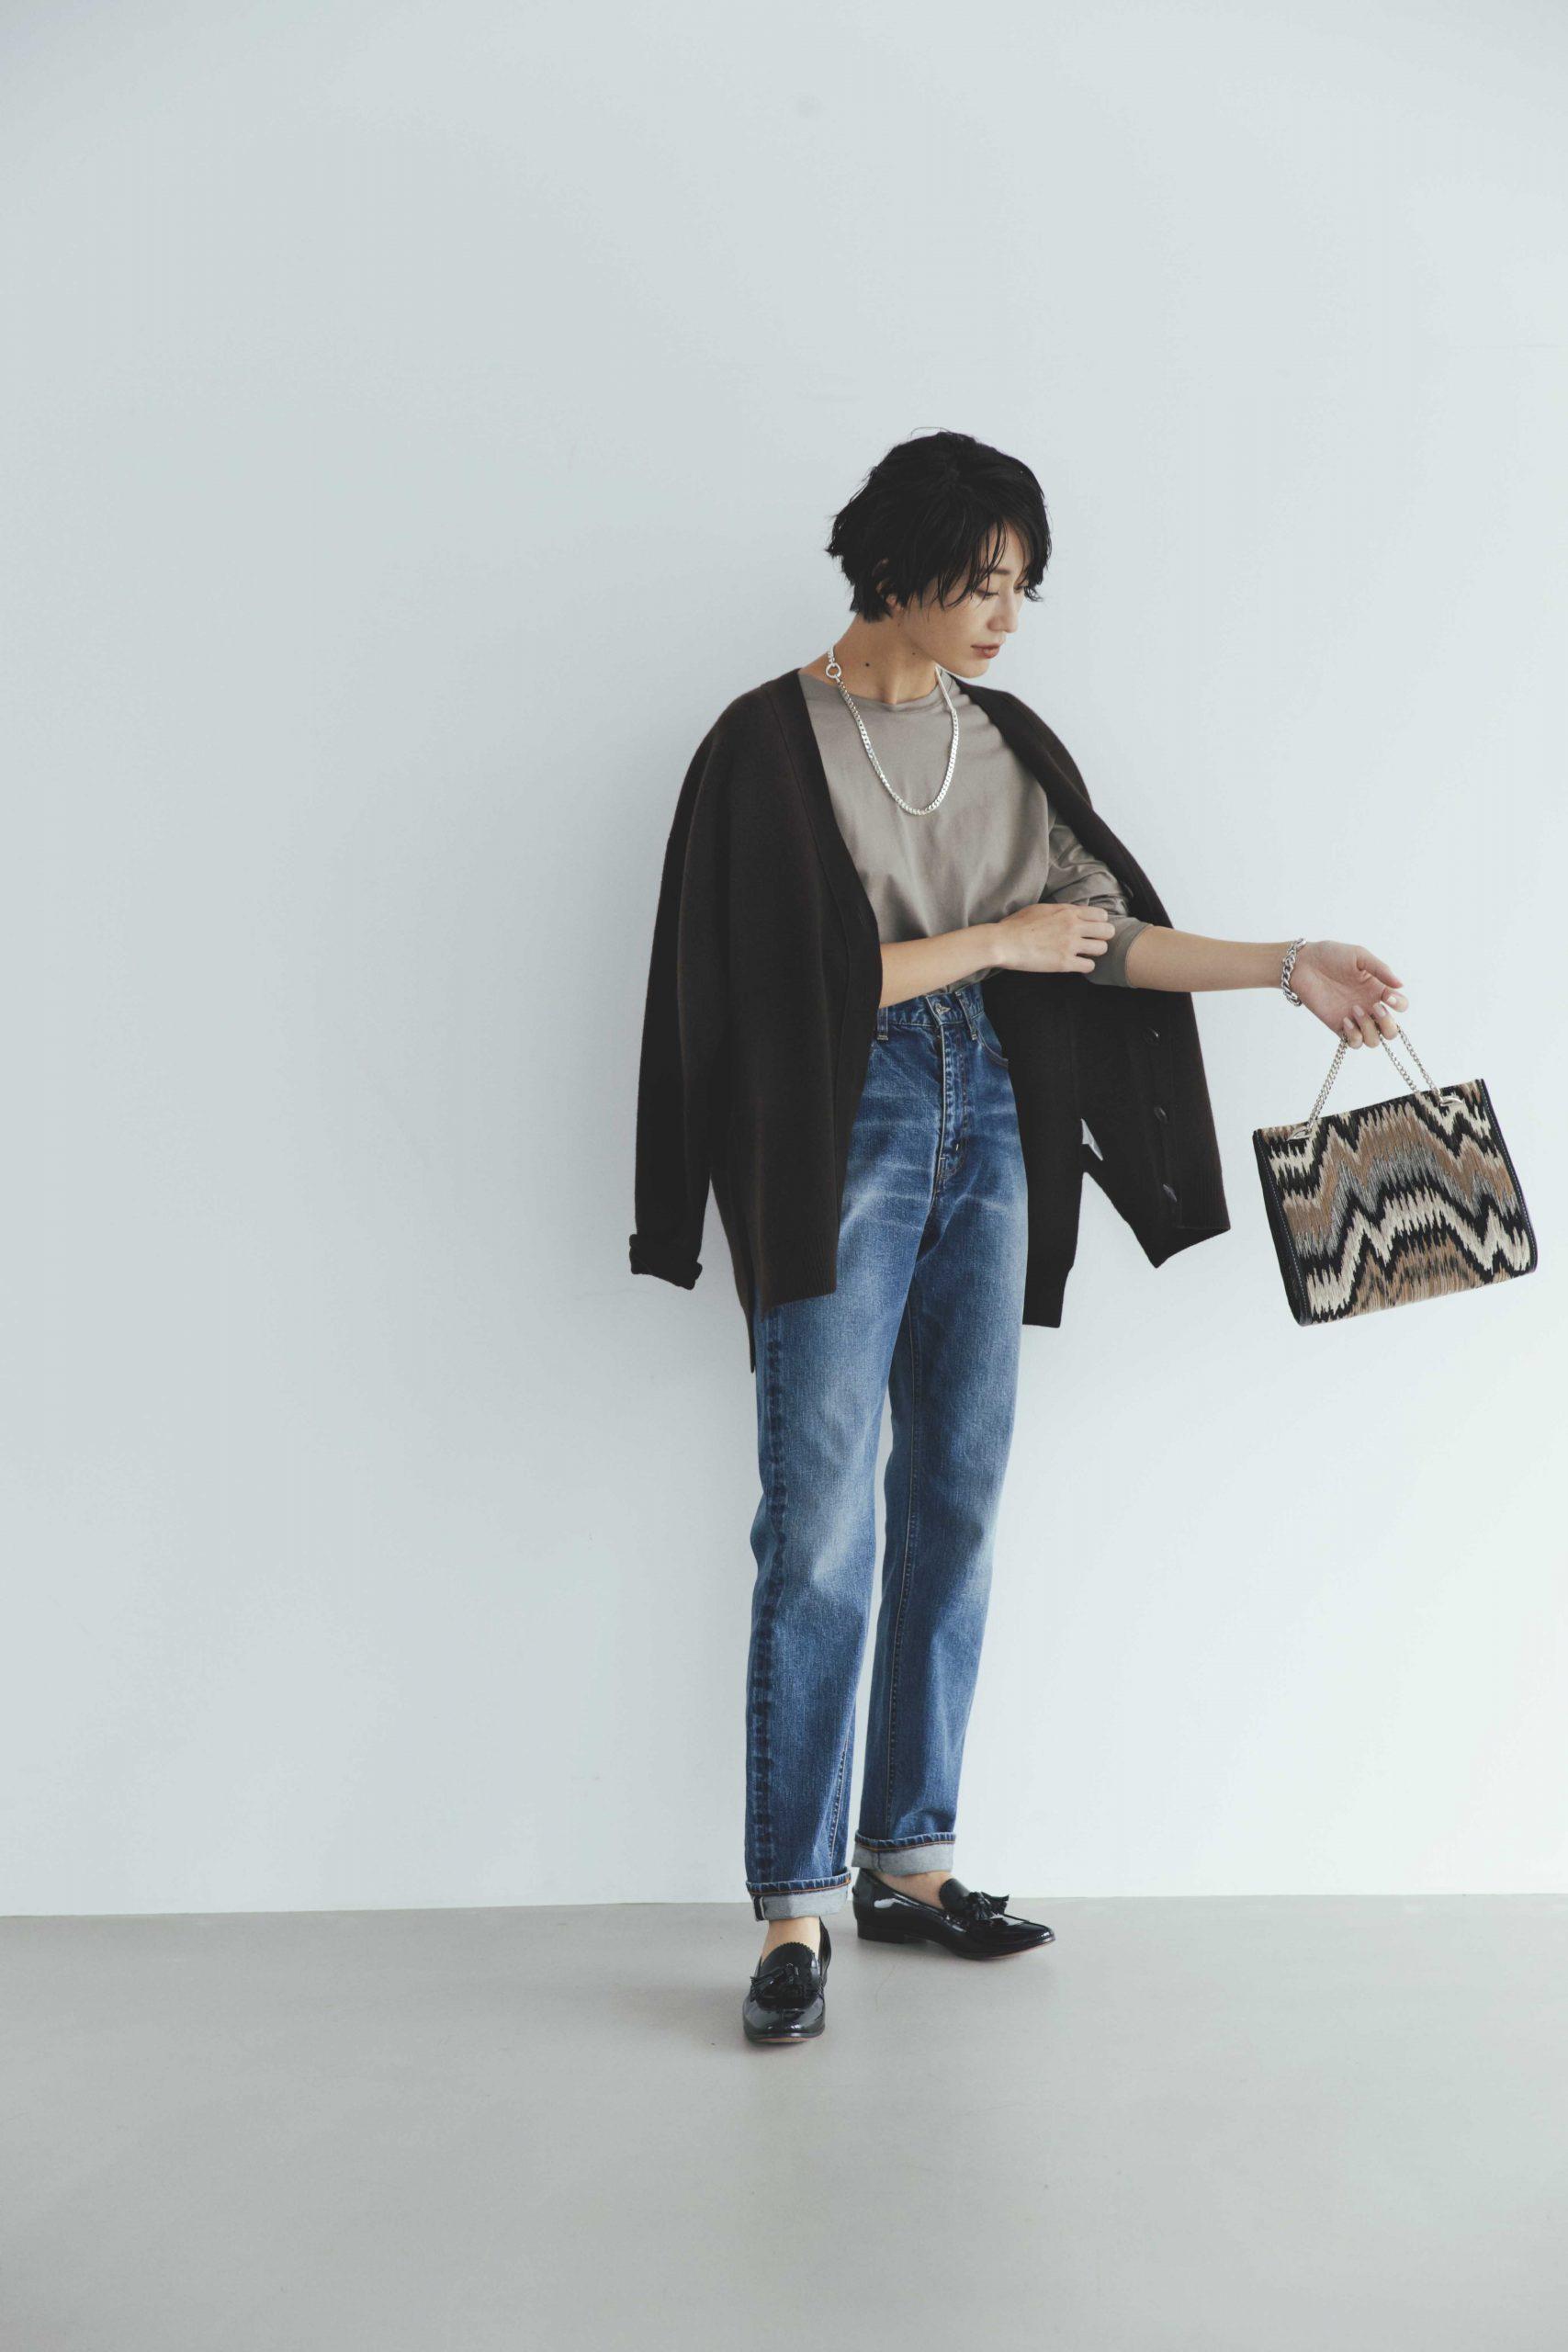 30代ファッションのお手本コーデを着こなすモデル神山まりあさん。デニム×ニットカーデのシンプル&カジュアルな着こなし。